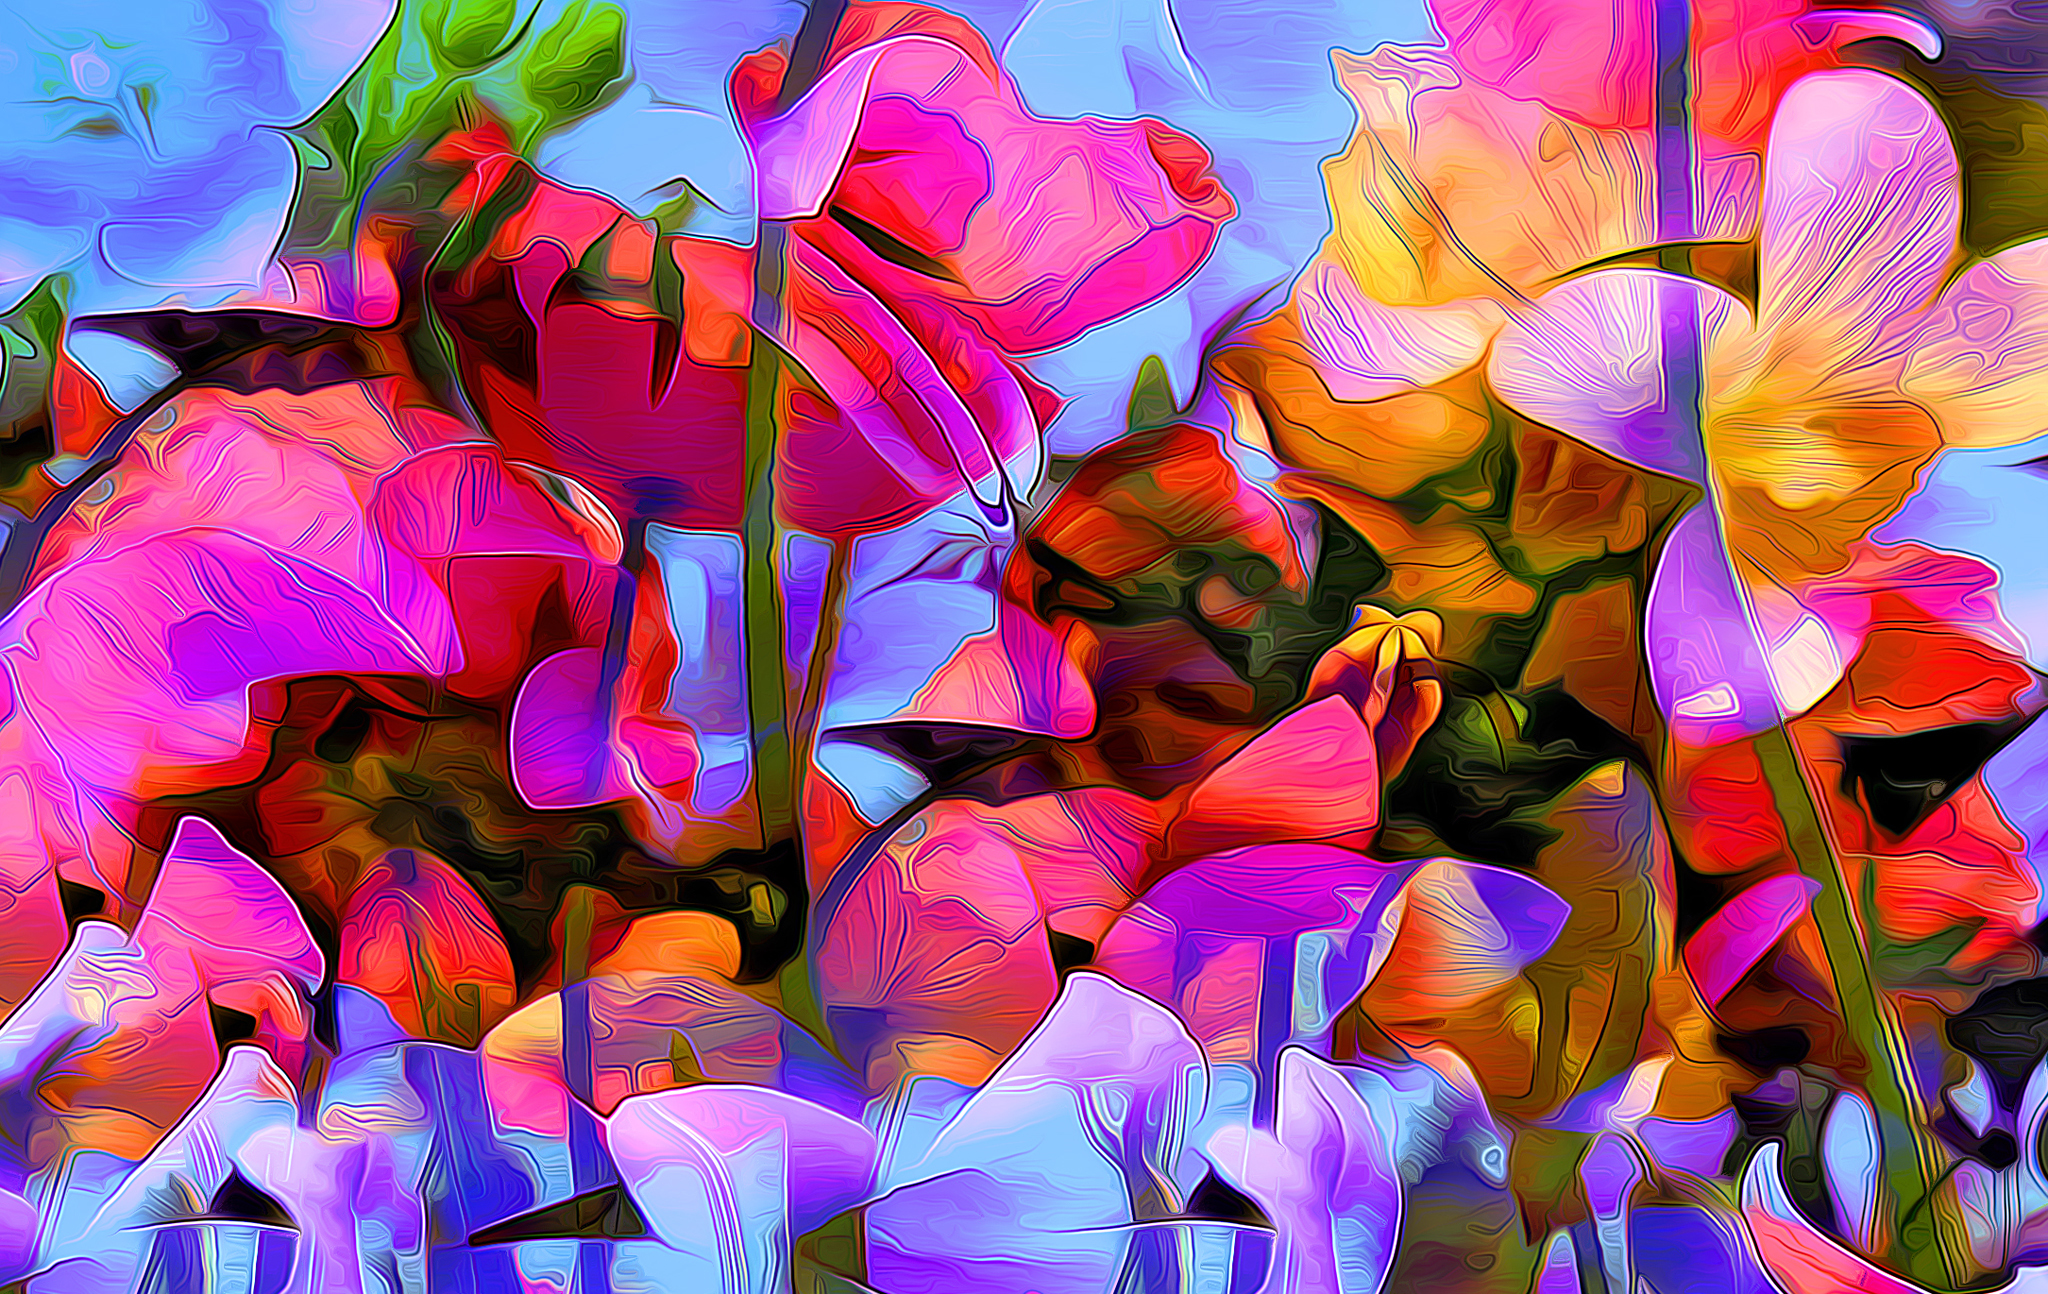 стоишь картинки с цветами большого разрешения для печати выбрать